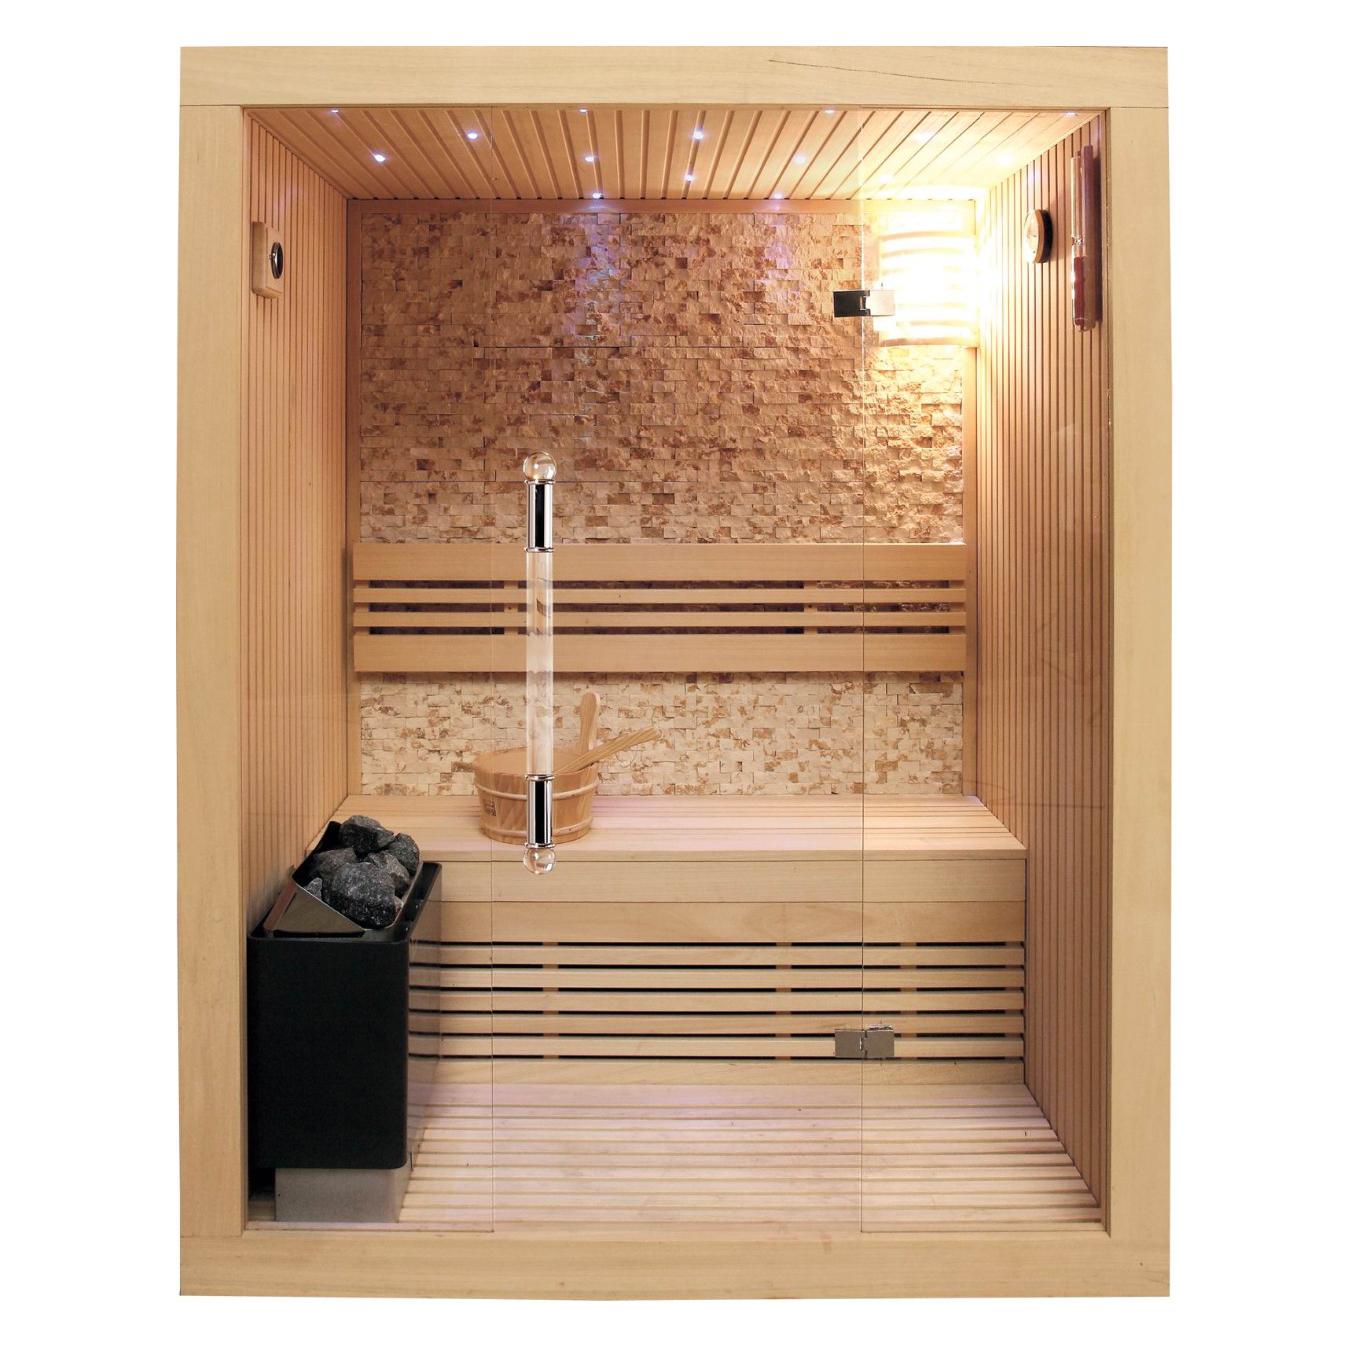 đánh giá đơn vị thiết kế spa chuyên nghiệp